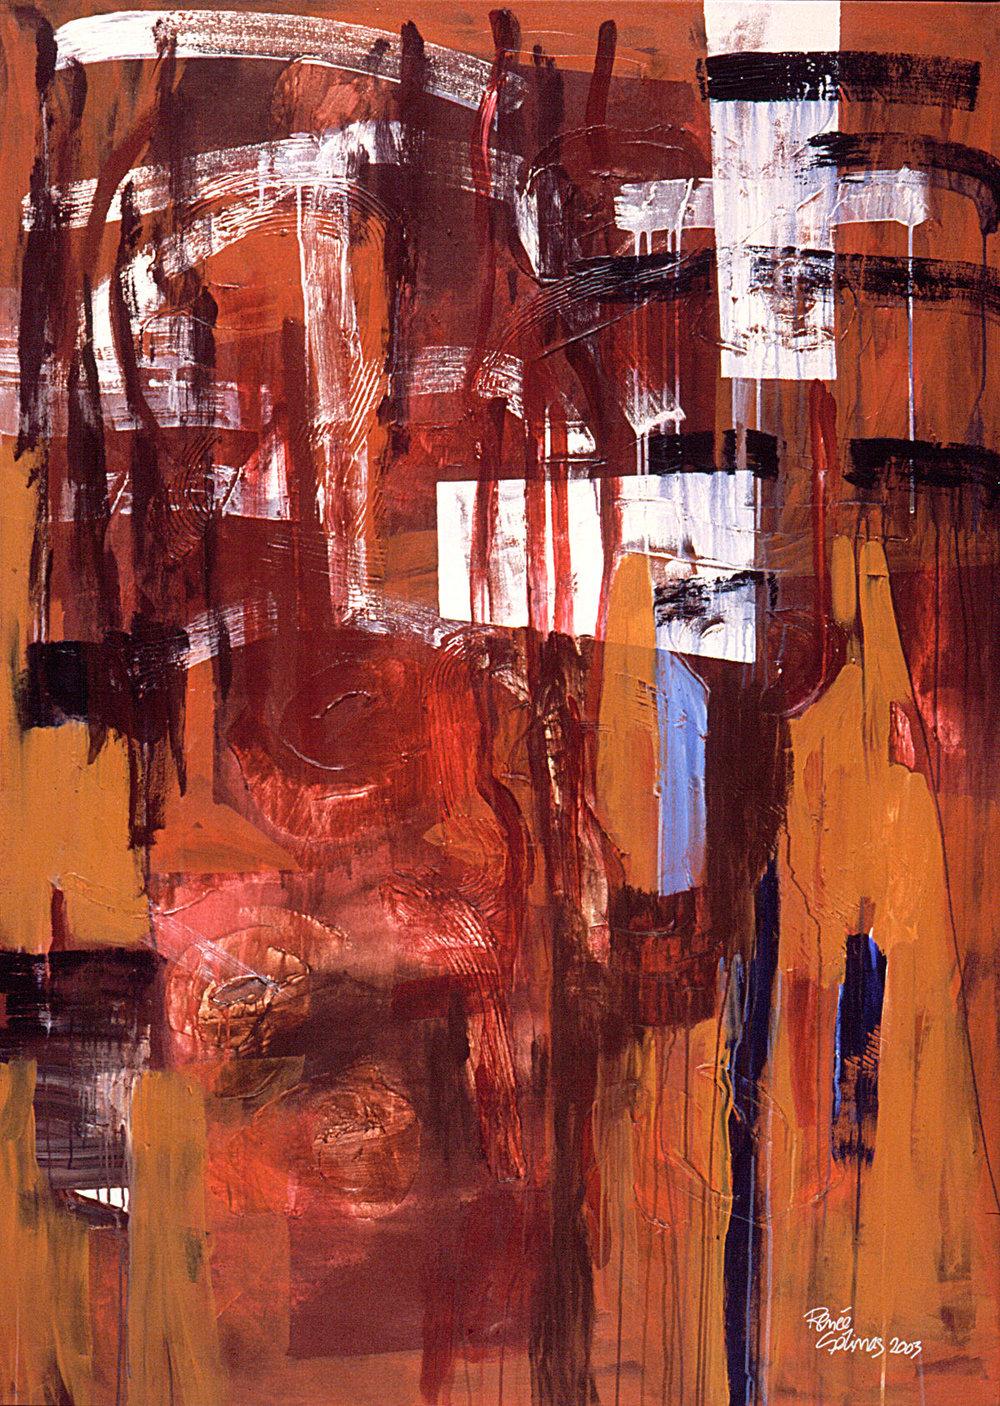 Stalactites-Vauréal, 2003